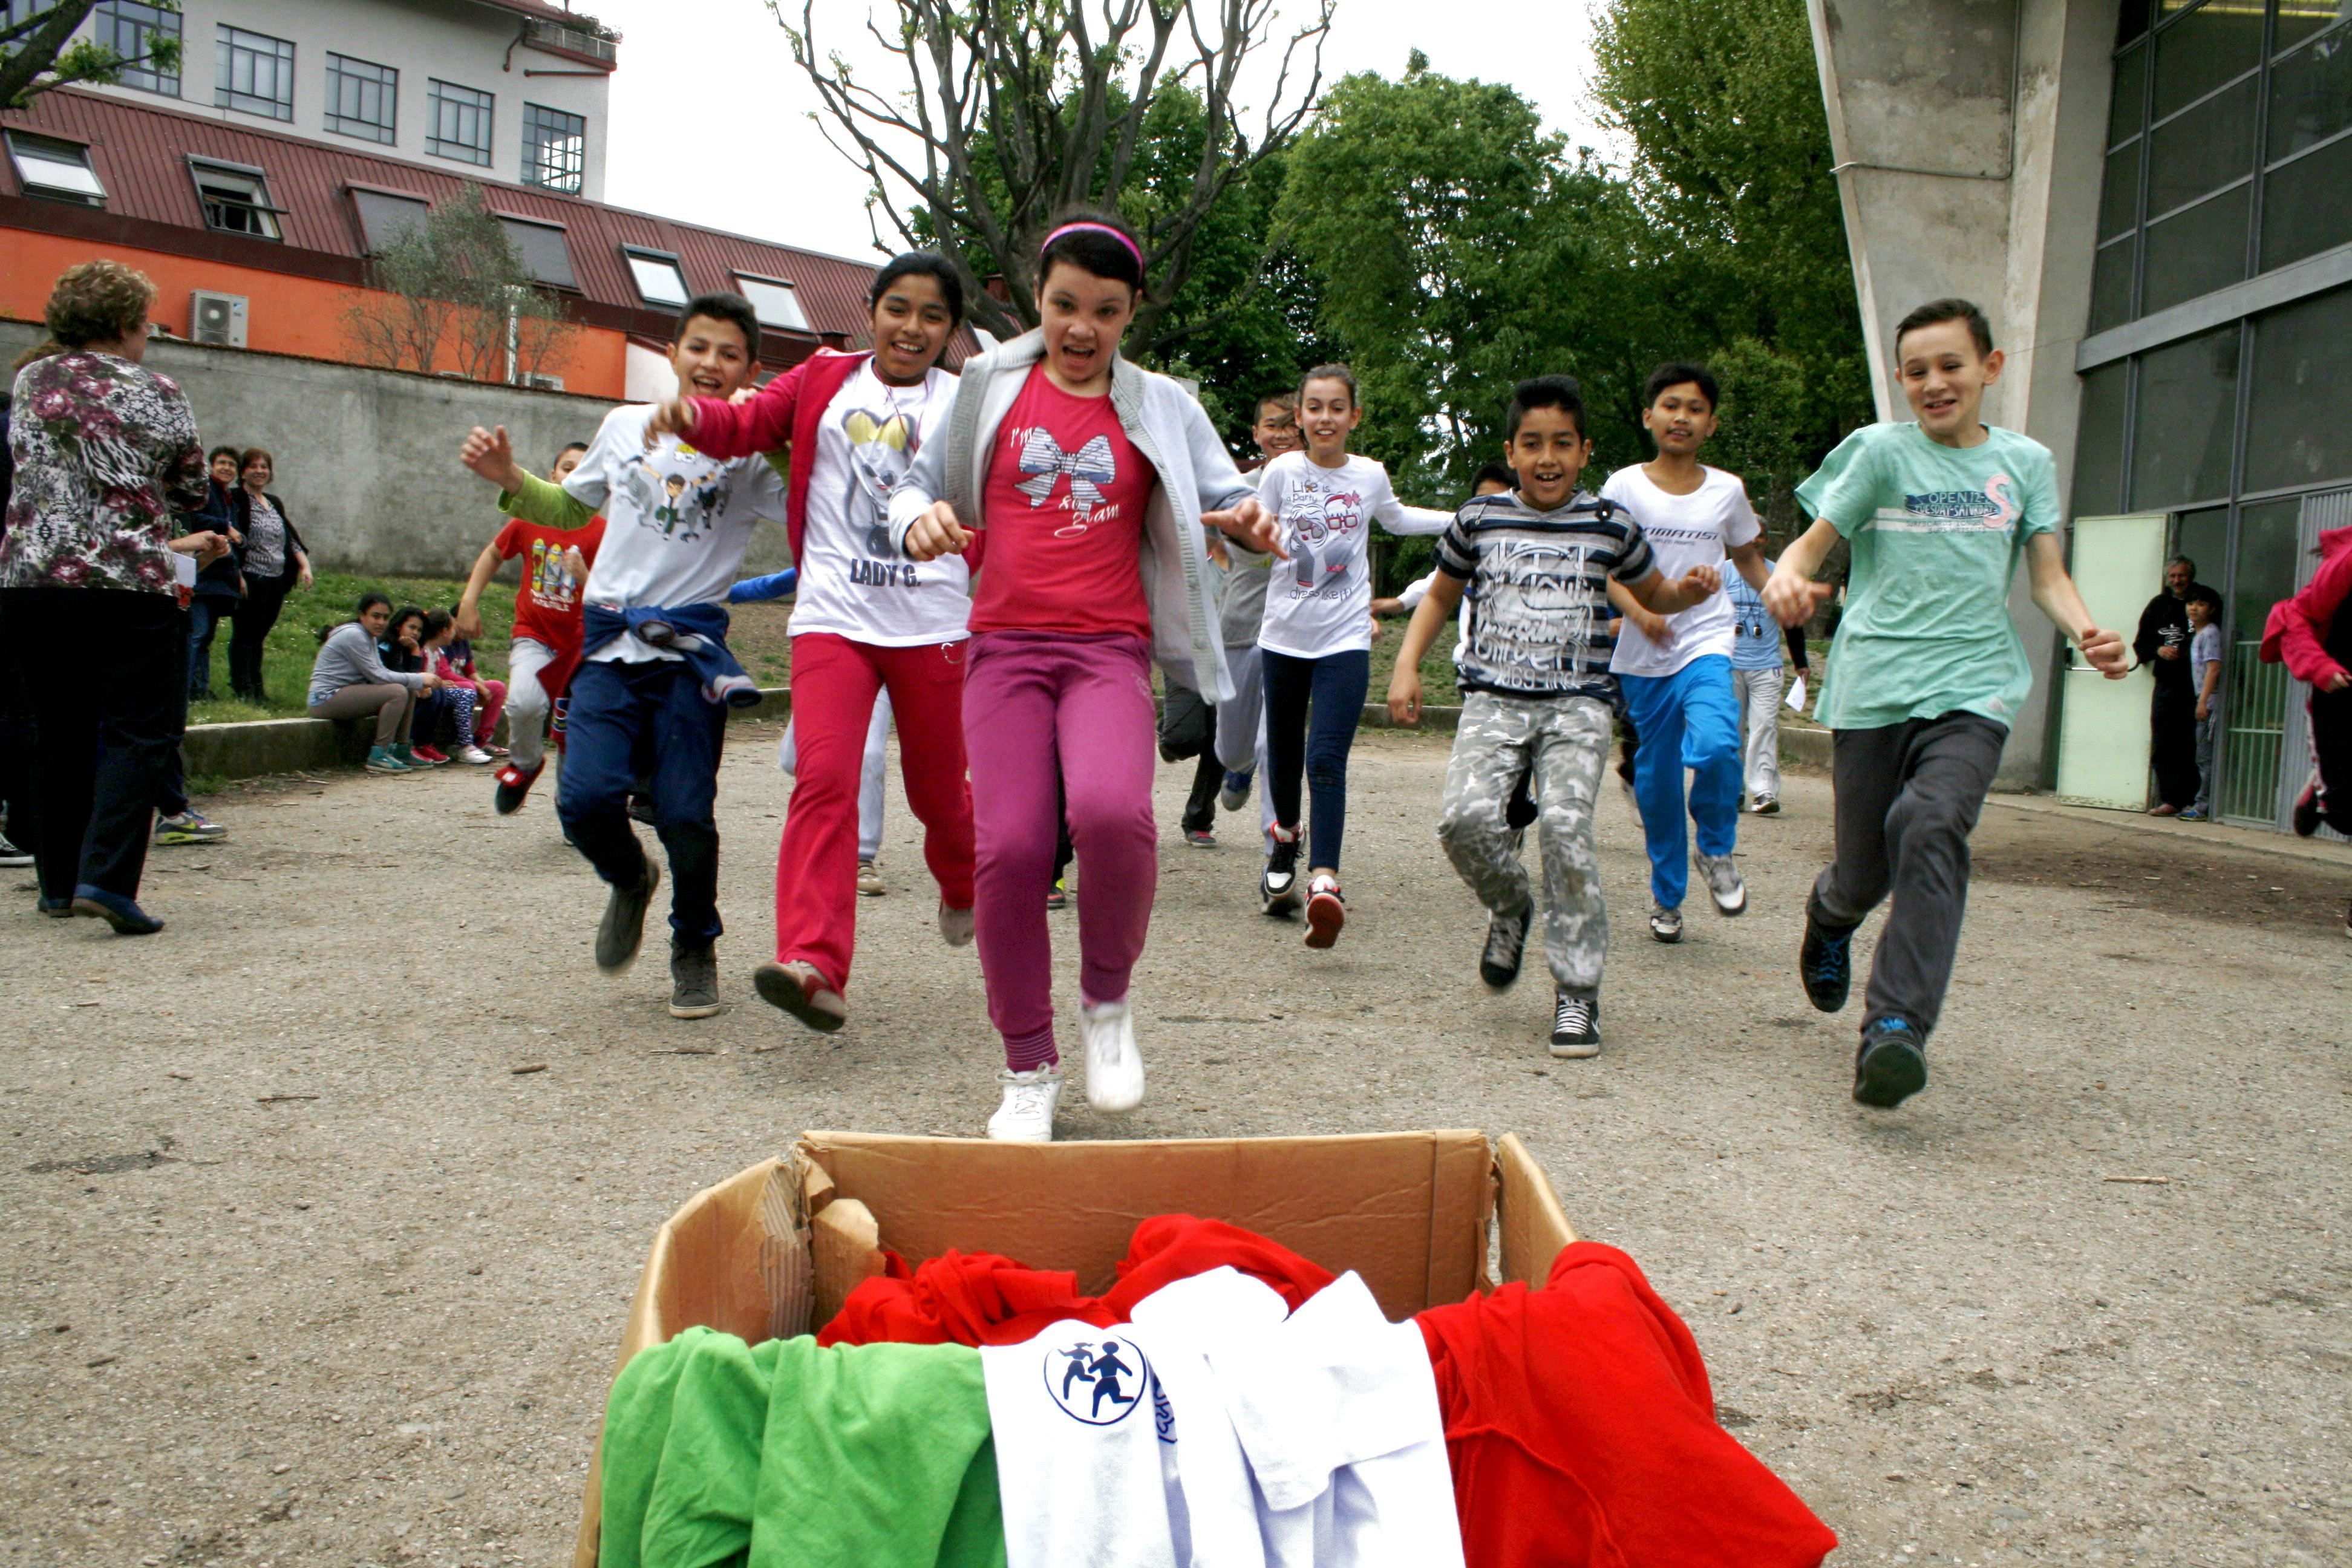 Miniolimpiadi scuole elementari associazione gruppo for Scuola burgo milano